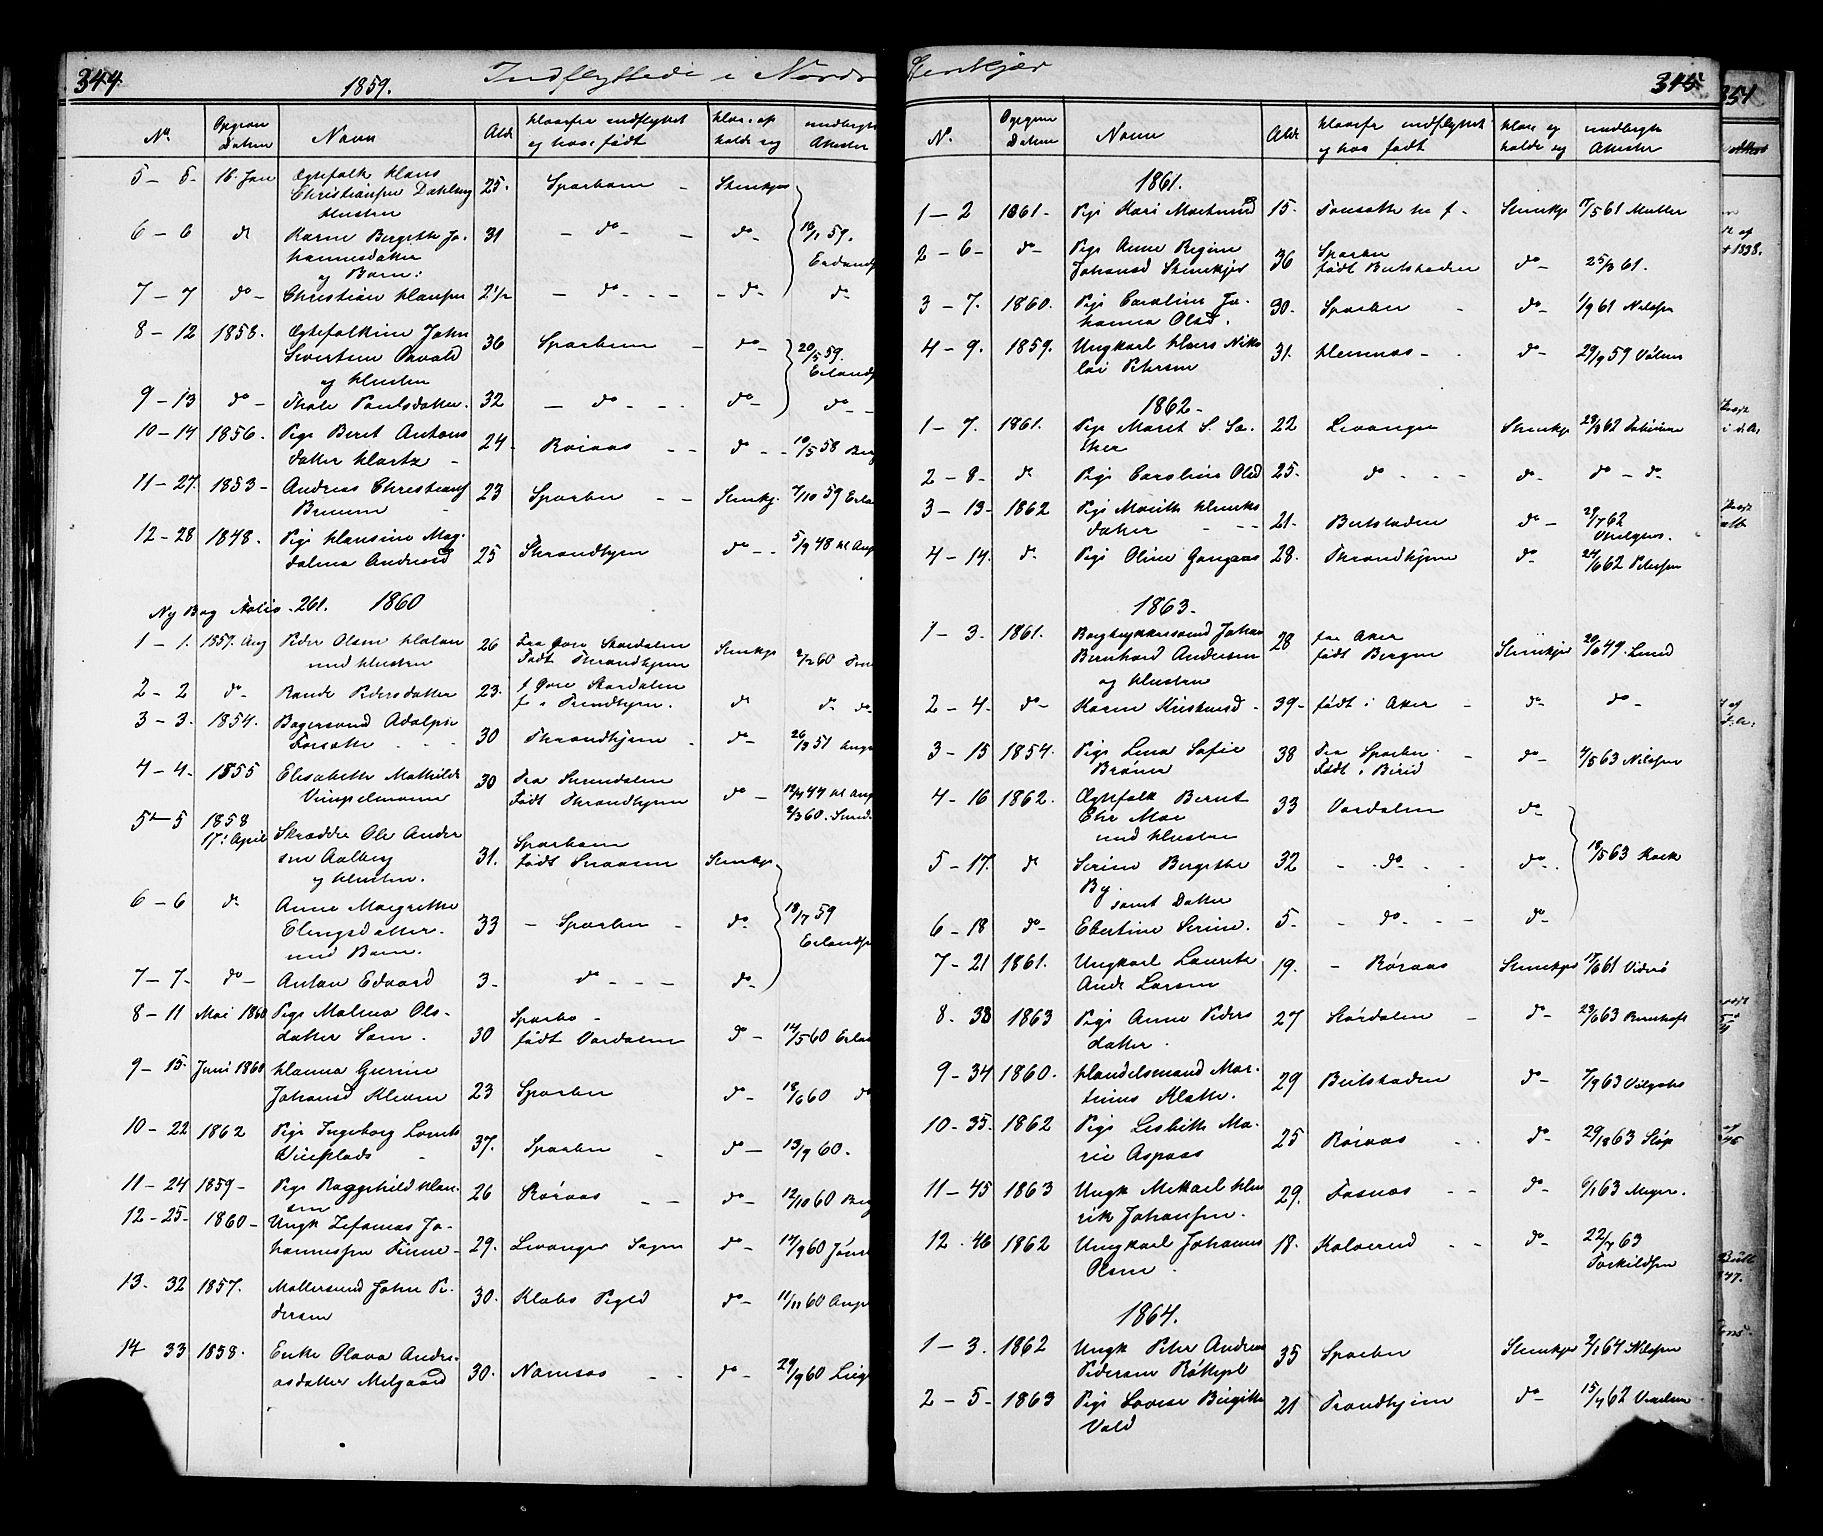 SAT, Ministerialprotokoller, klokkerbøker og fødselsregistre - Nord-Trøndelag, 739/L0367: Ministerialbok nr. 739A01 /2, 1838-1868, s. 344-345